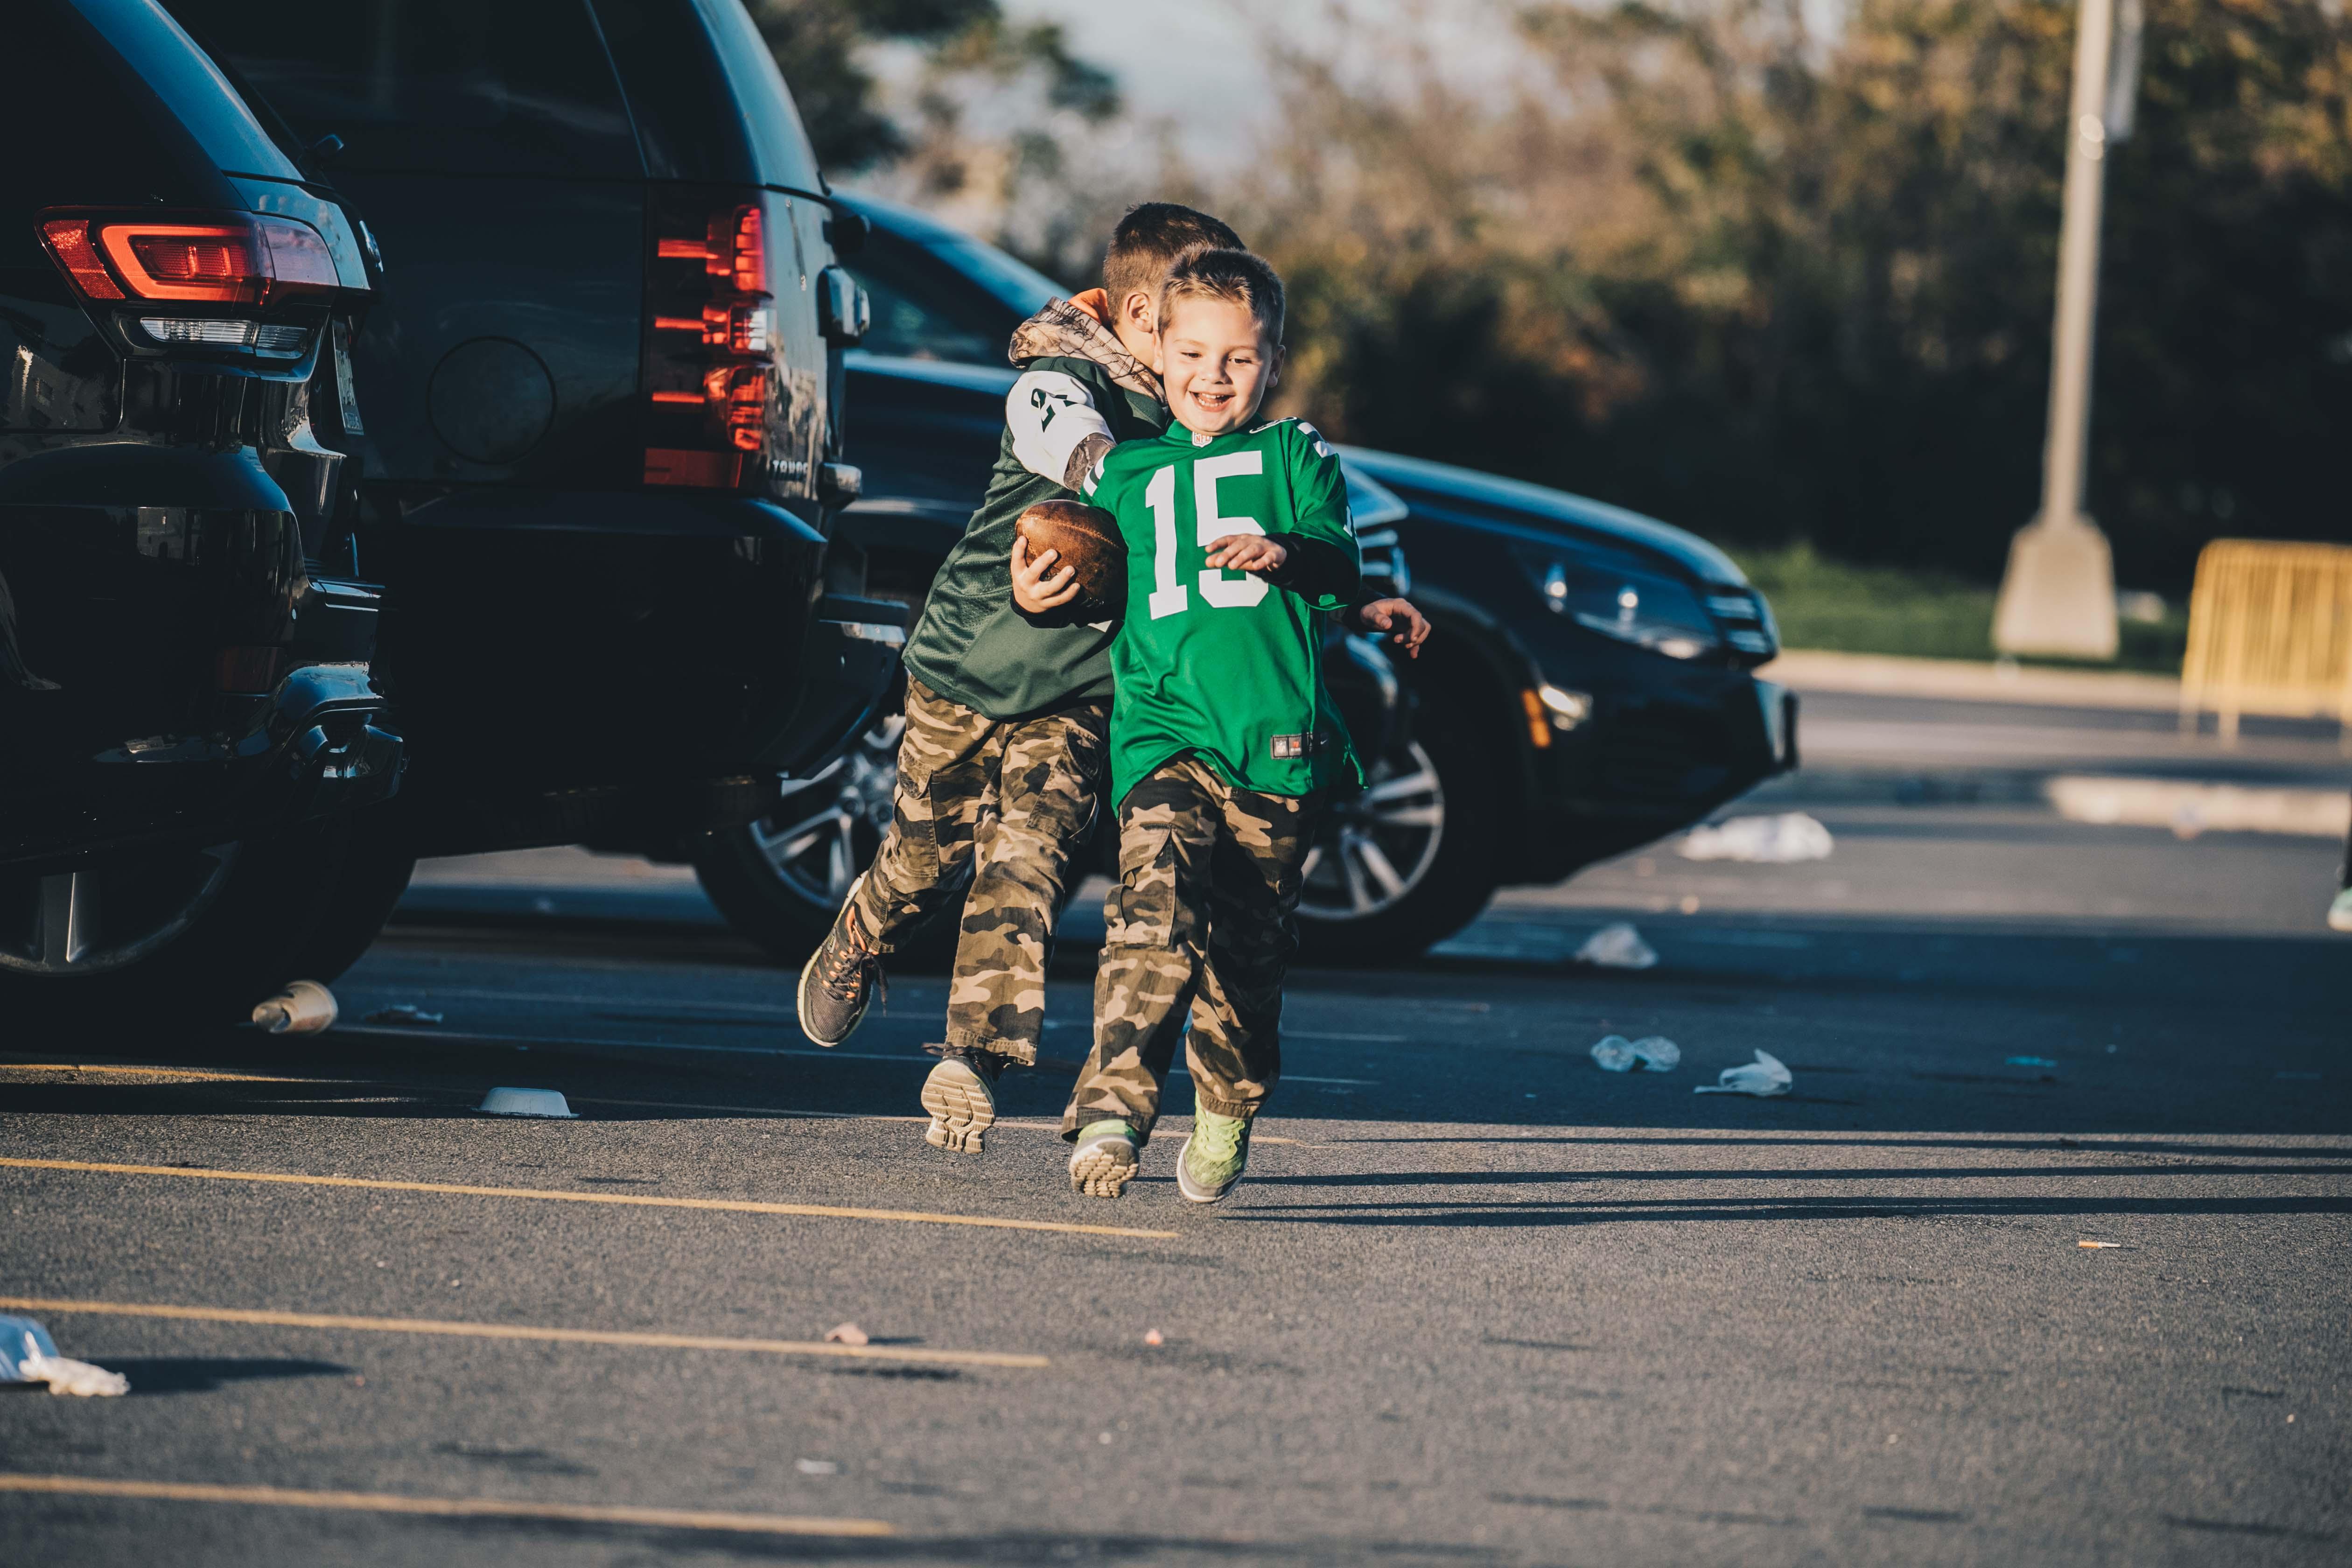 Sokan a parkolóban maradnak még jó ideig és játékkal, beszélgetéssel, sütögetéssel töltik el az időt